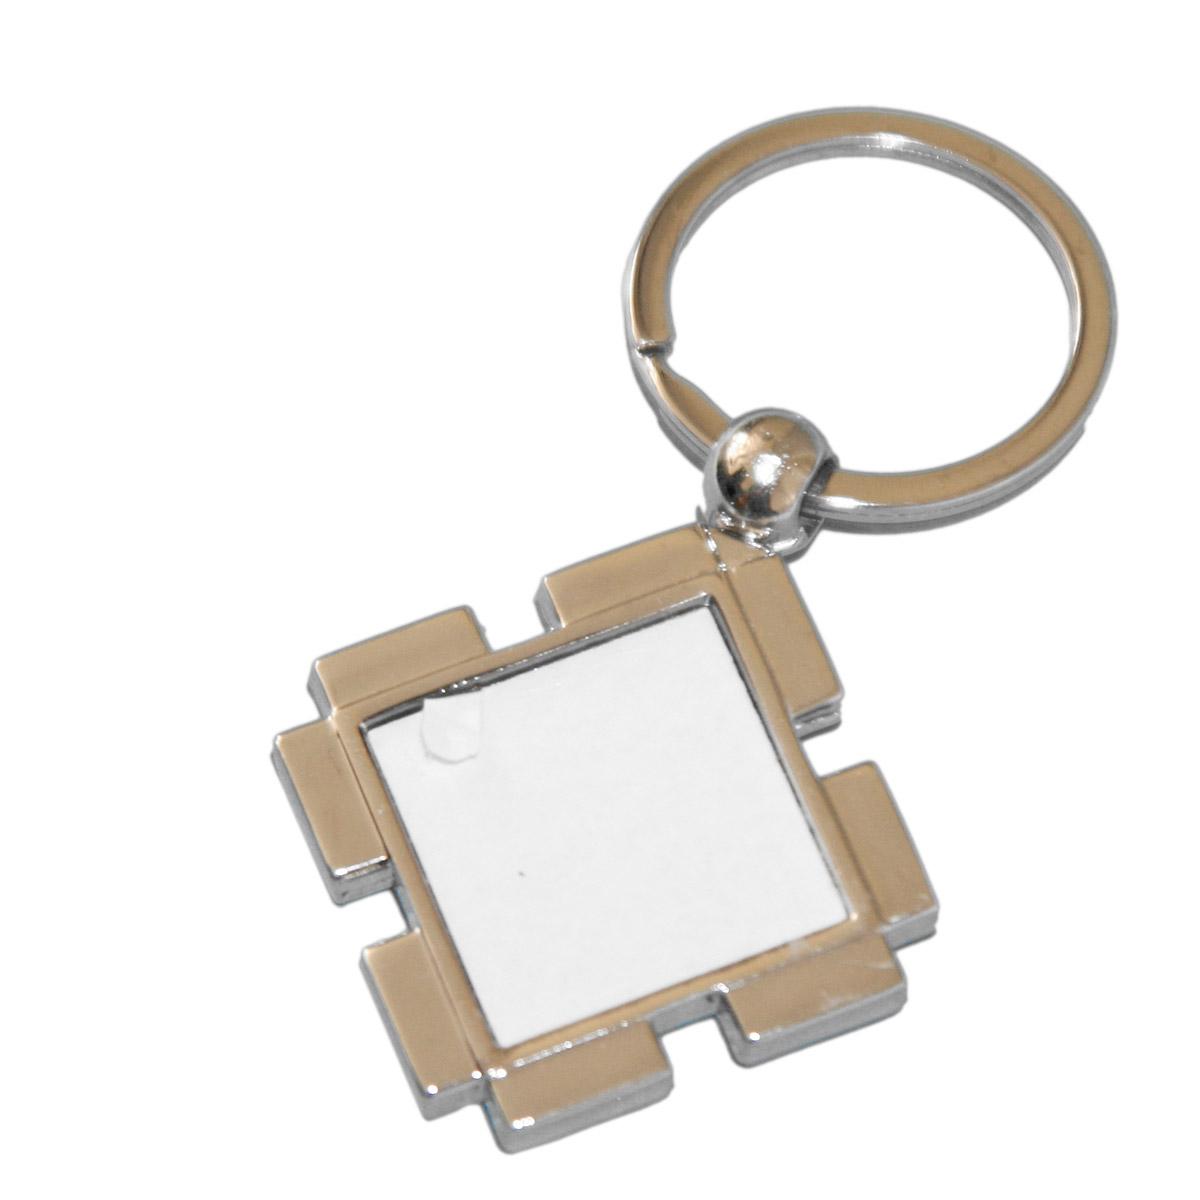 Brelok metalowy kwadratowy do sublimacji